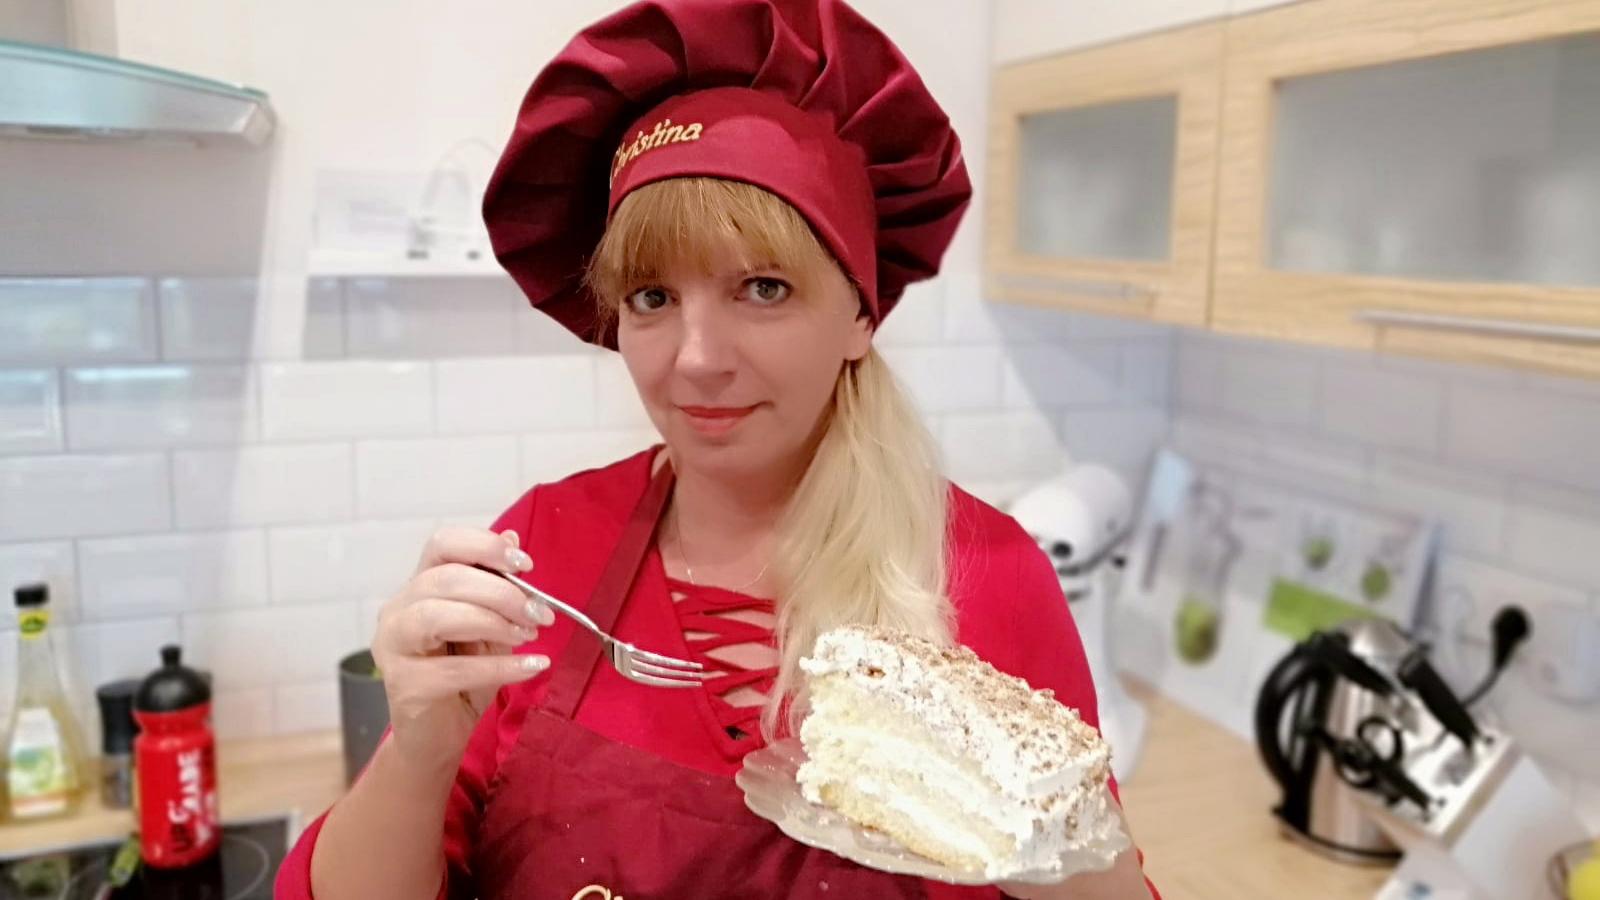 Milchmädchen Torte von Christina probiert